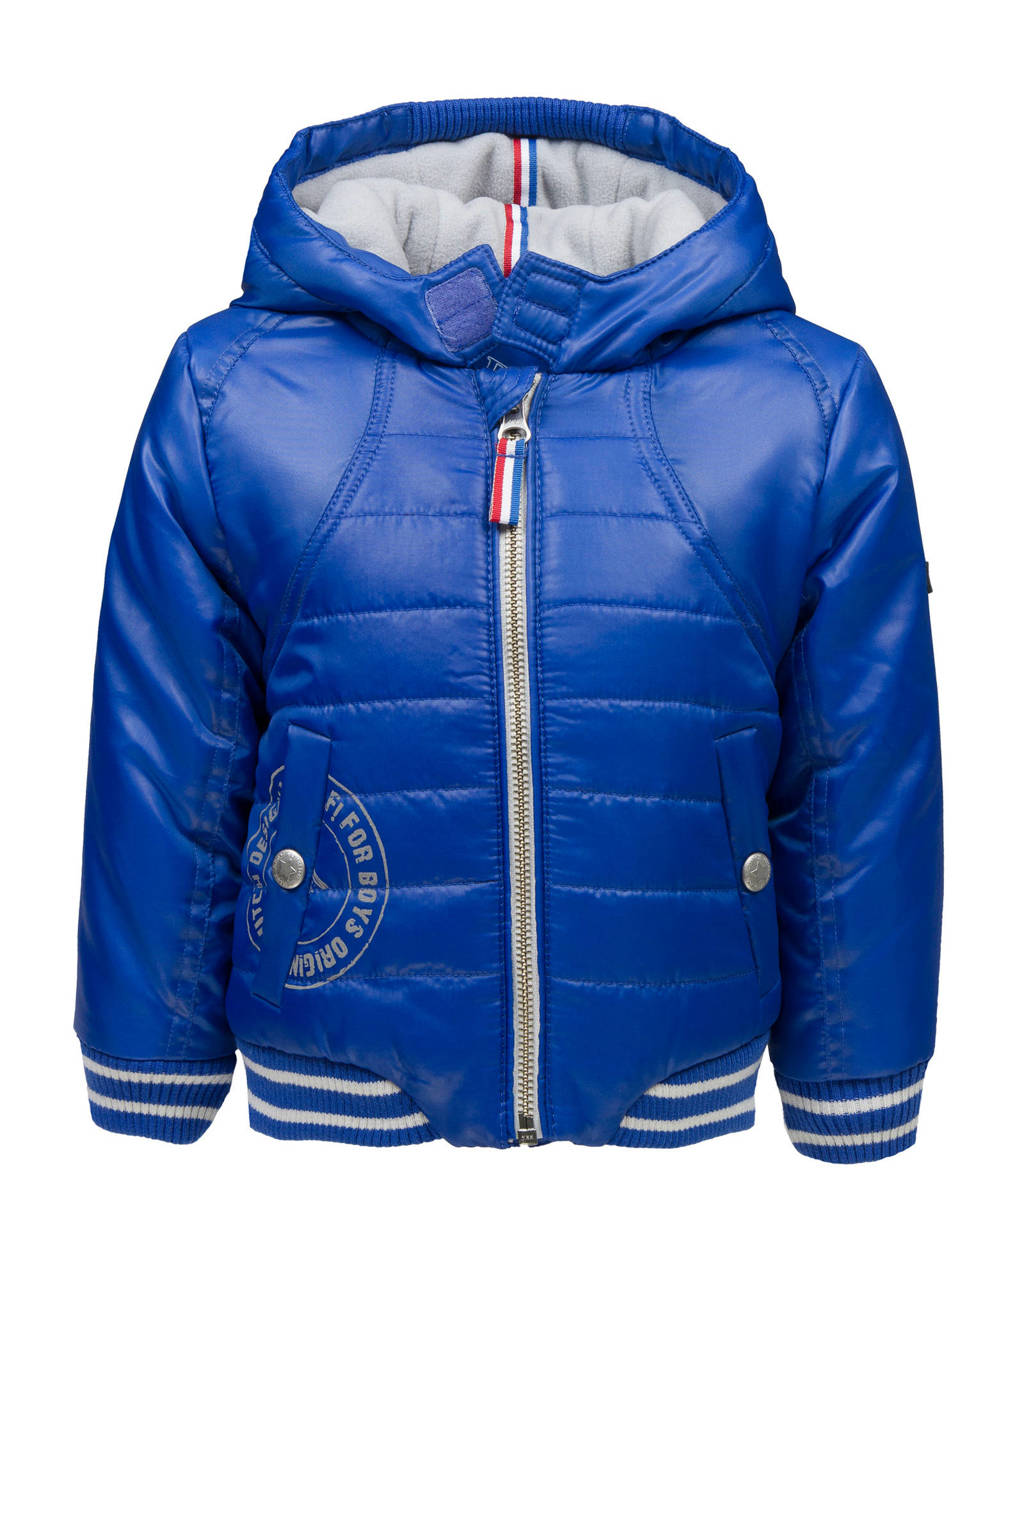 lief! winterjas blauw, Blauw/grijs/wit